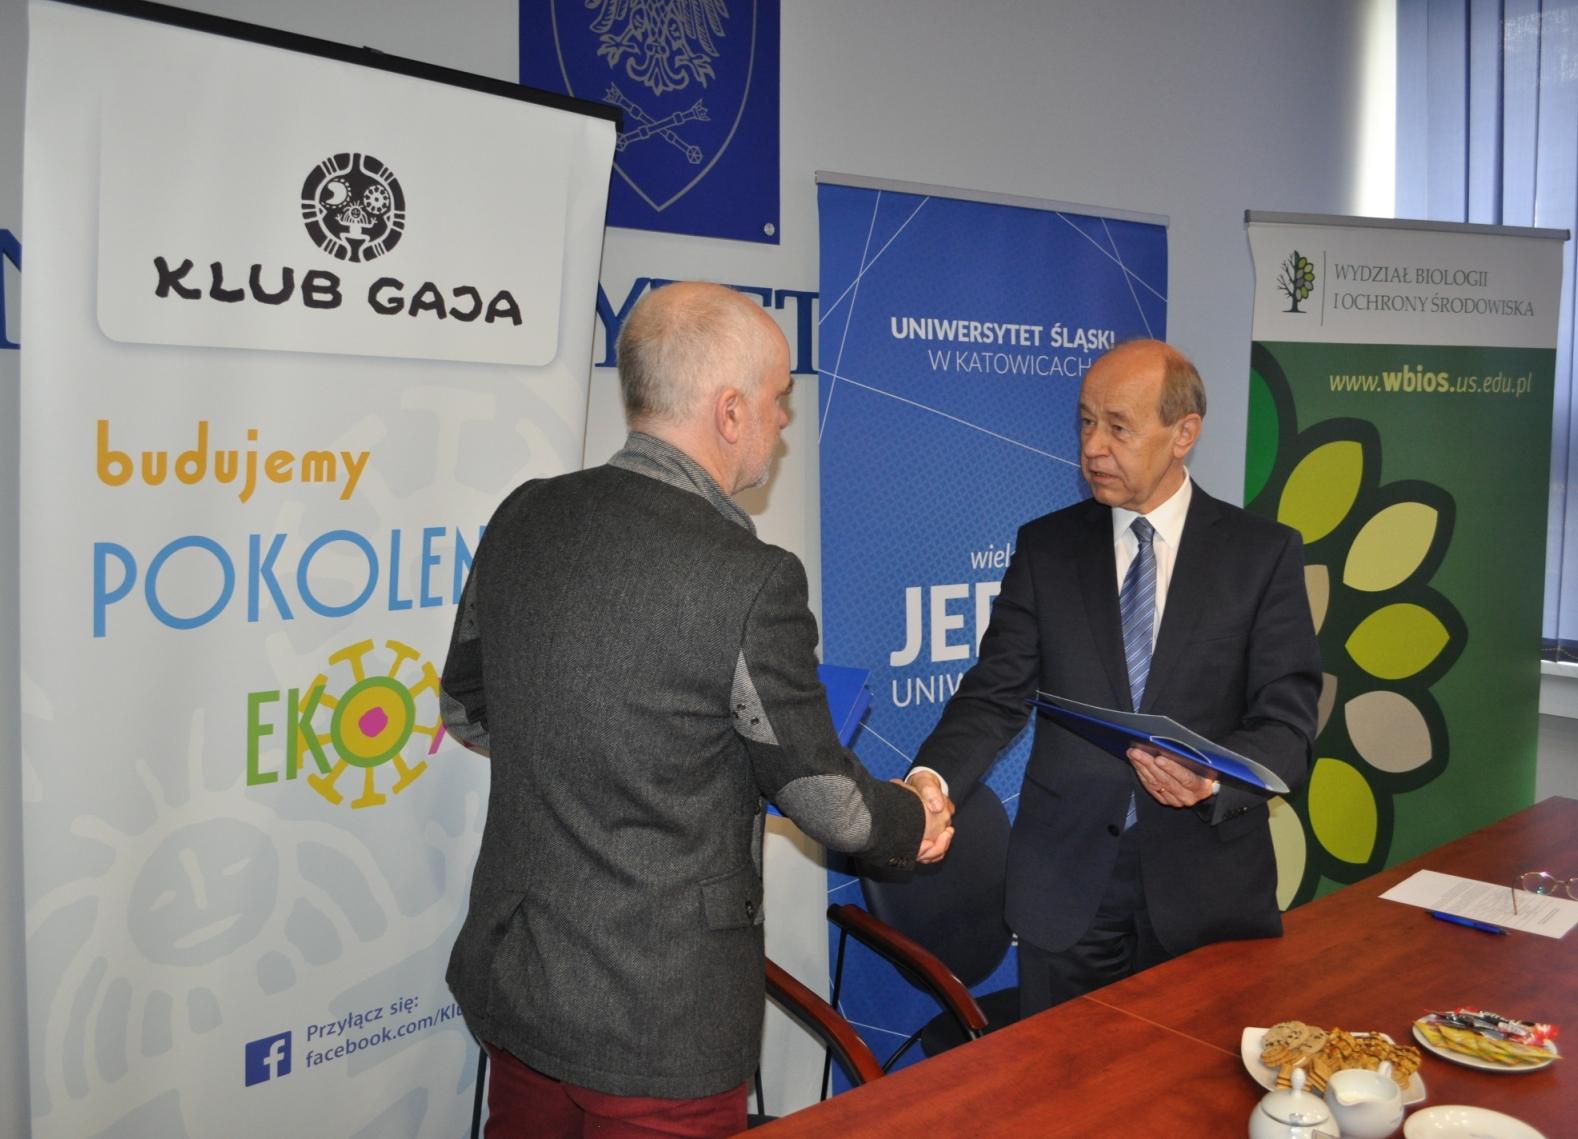 Porozumienie o współpracy pomiędzy Klubem Gaja i Uniwersytetem Śląskim. Fot. Klub Gaja.